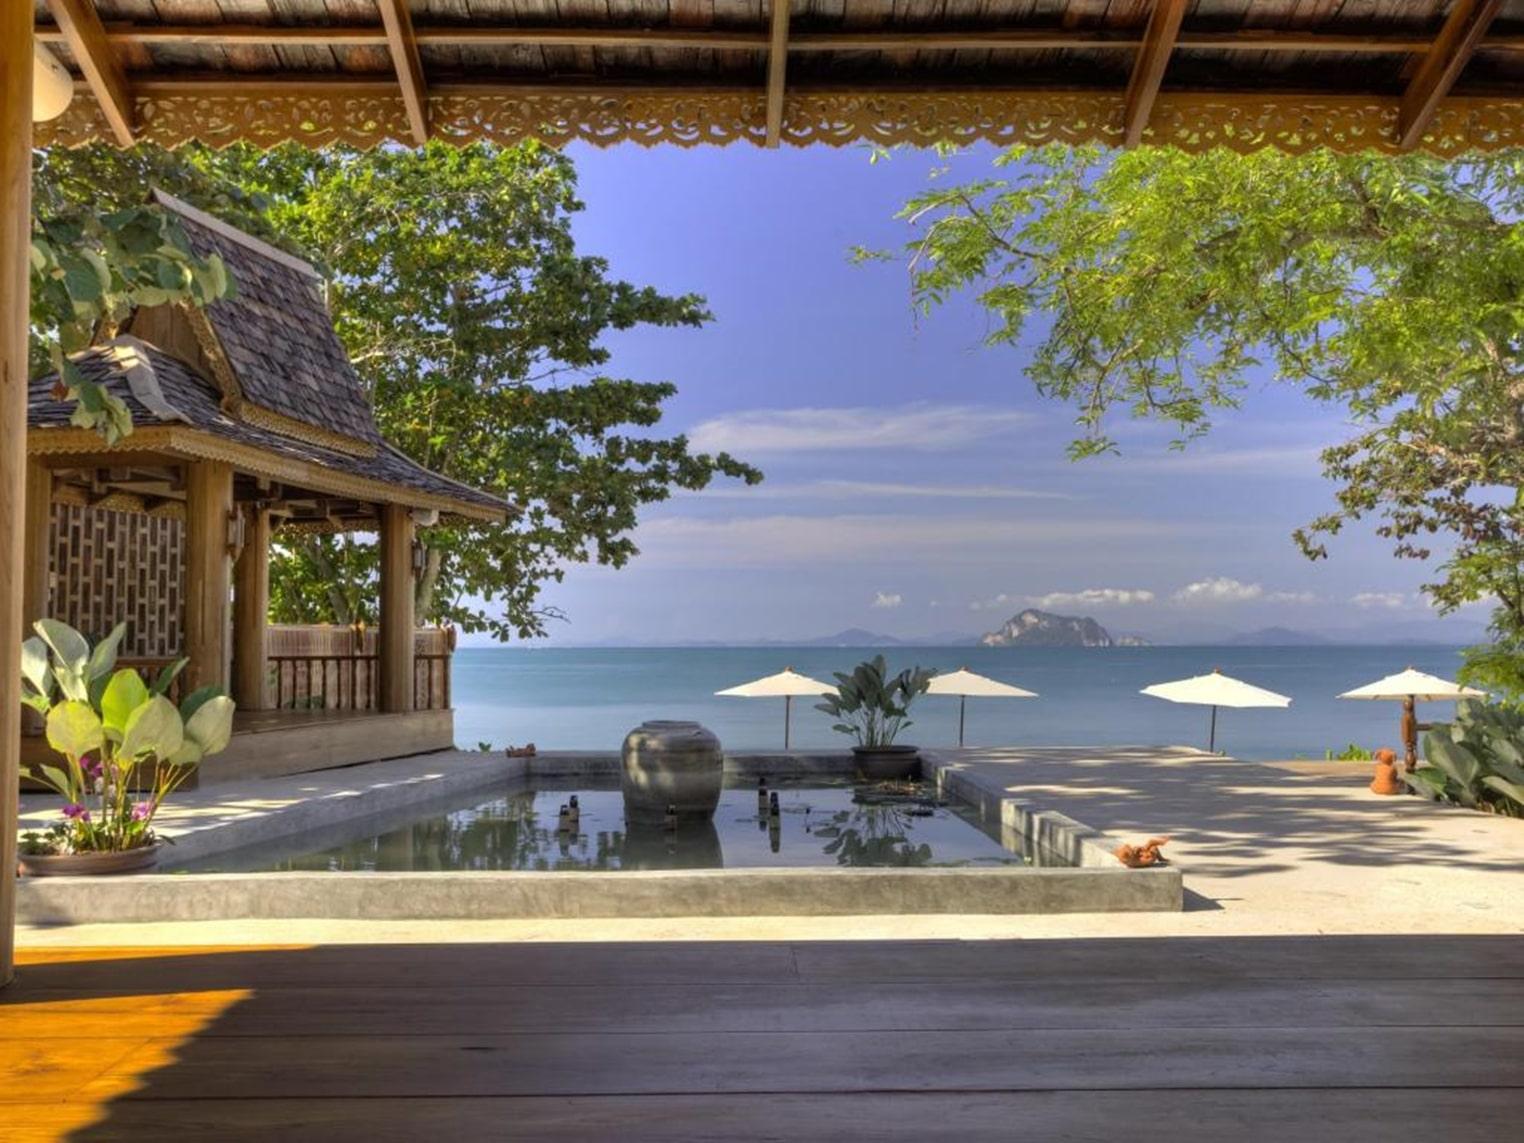 Tajlandia ***** Tajska bajka o świecie idealnym